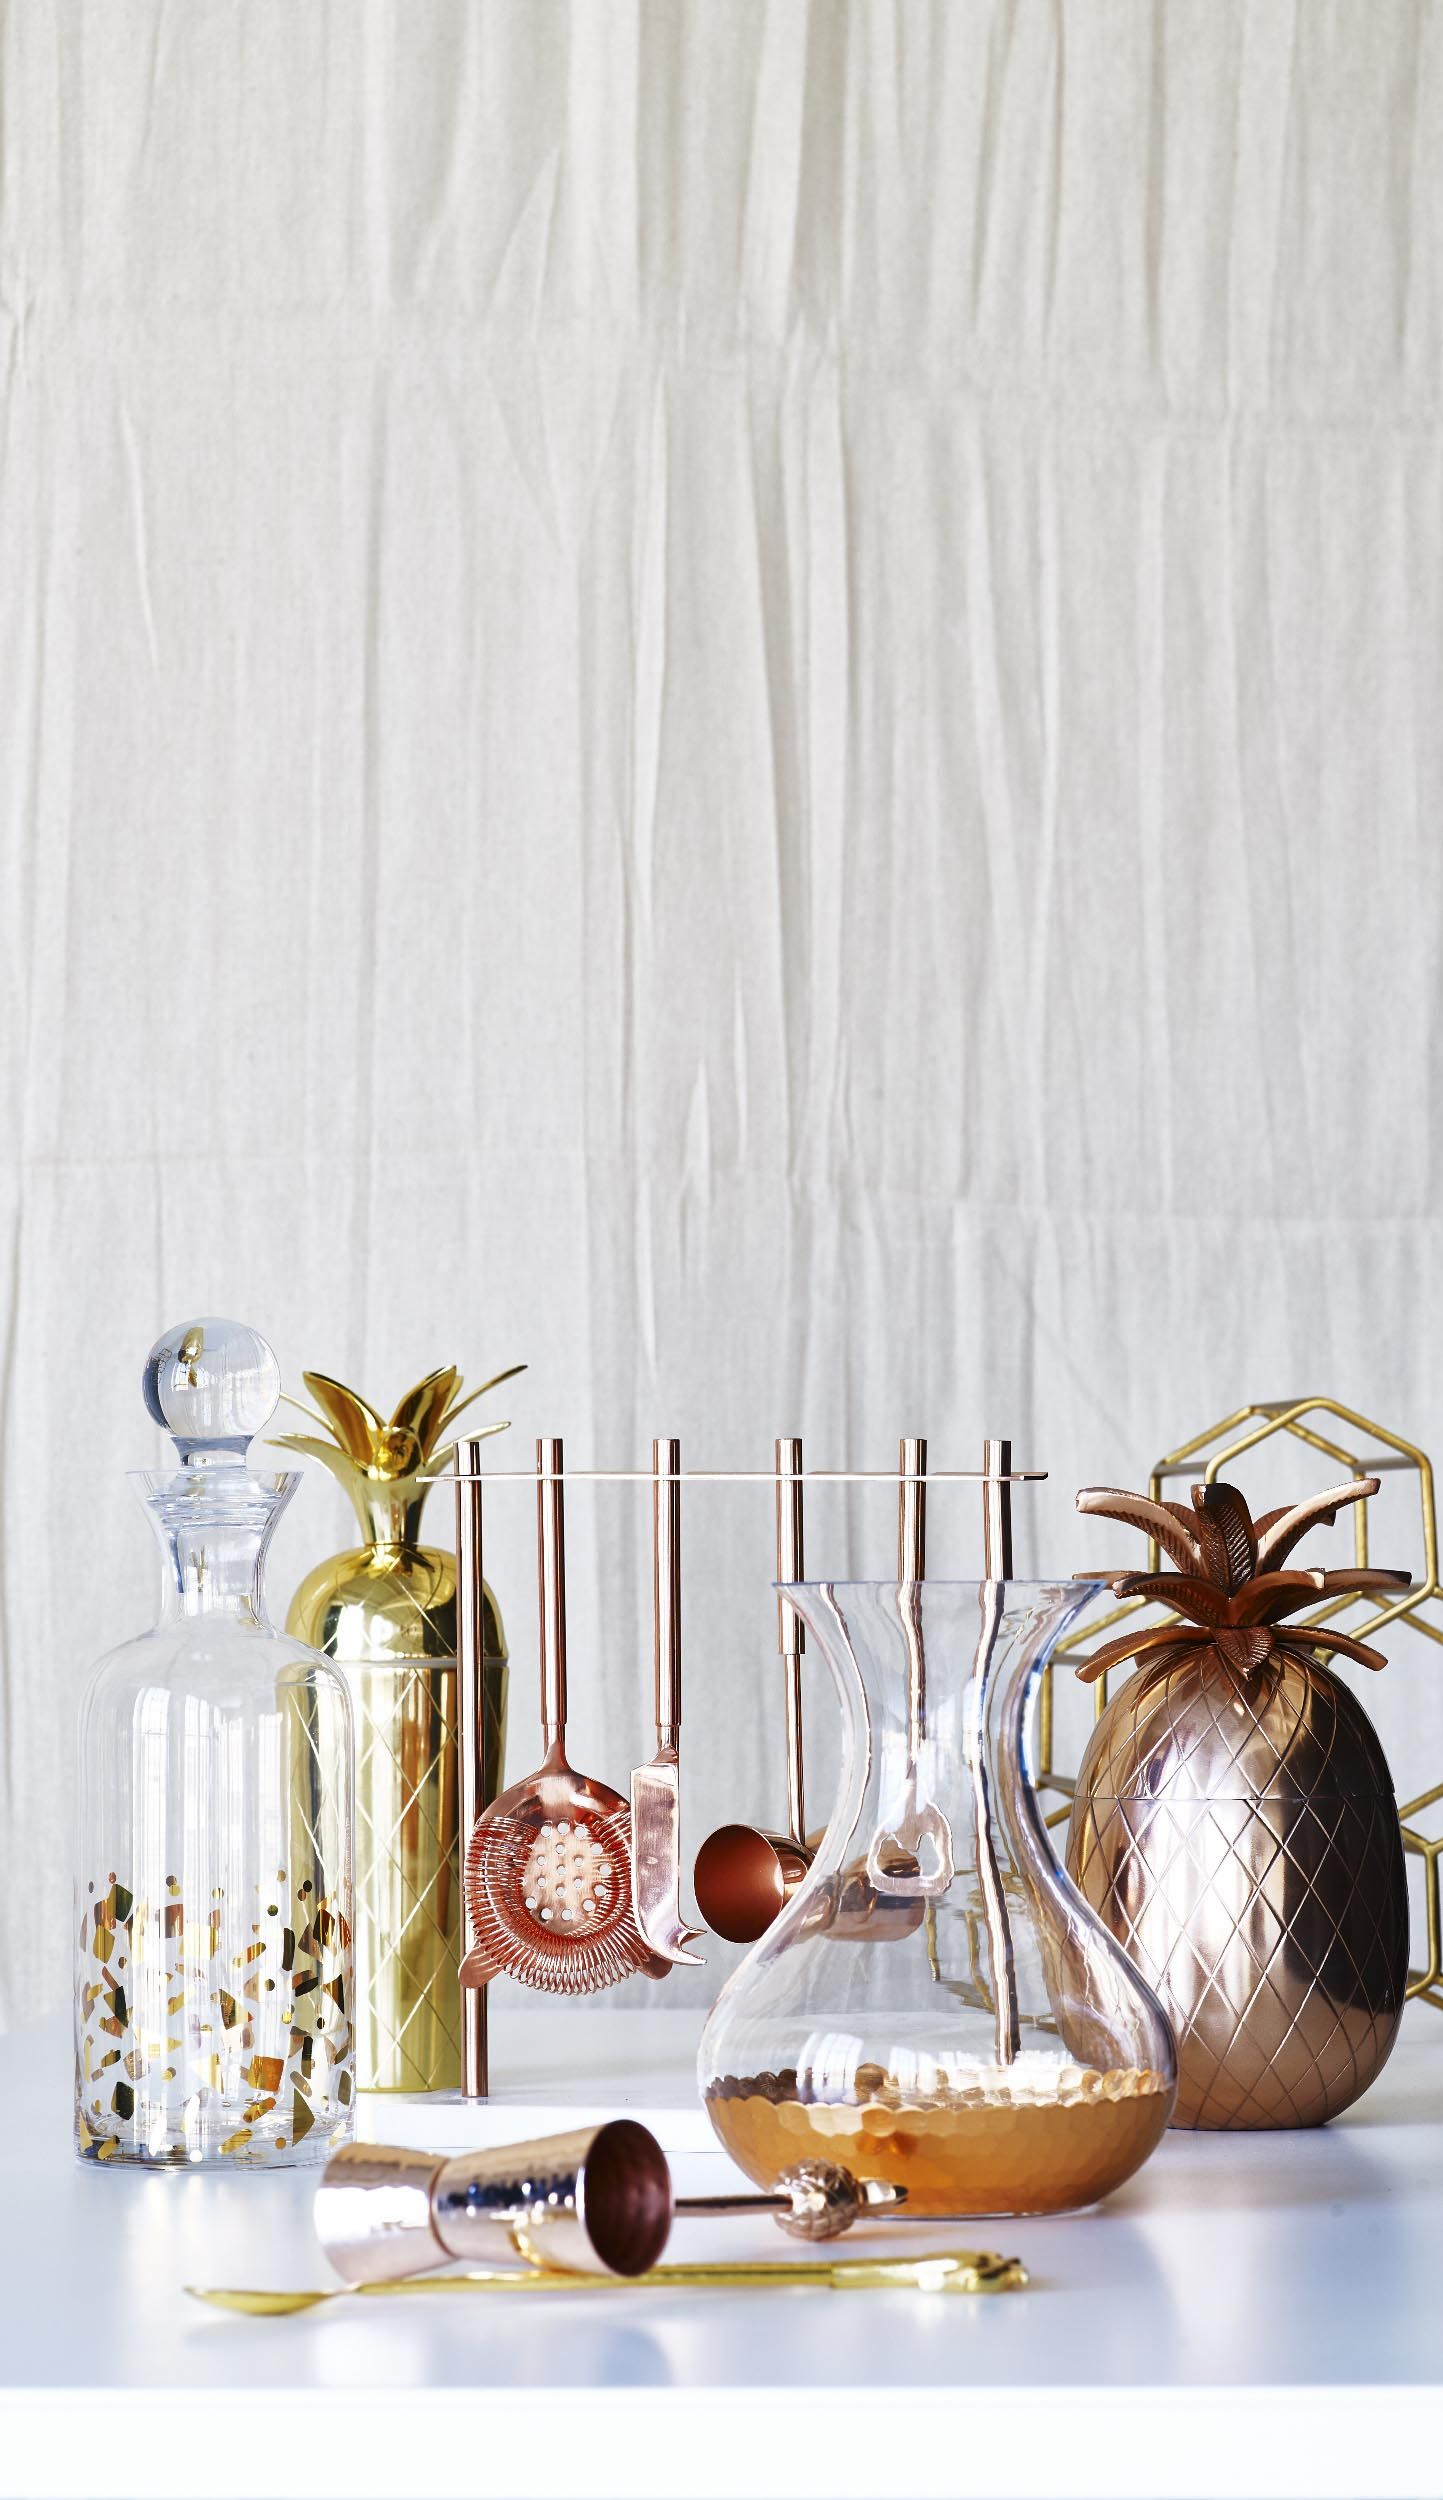 die besten 25 pineapple ice bucket ideen auf pinterest goldenes ananasdekor gold ananas und. Black Bedroom Furniture Sets. Home Design Ideas